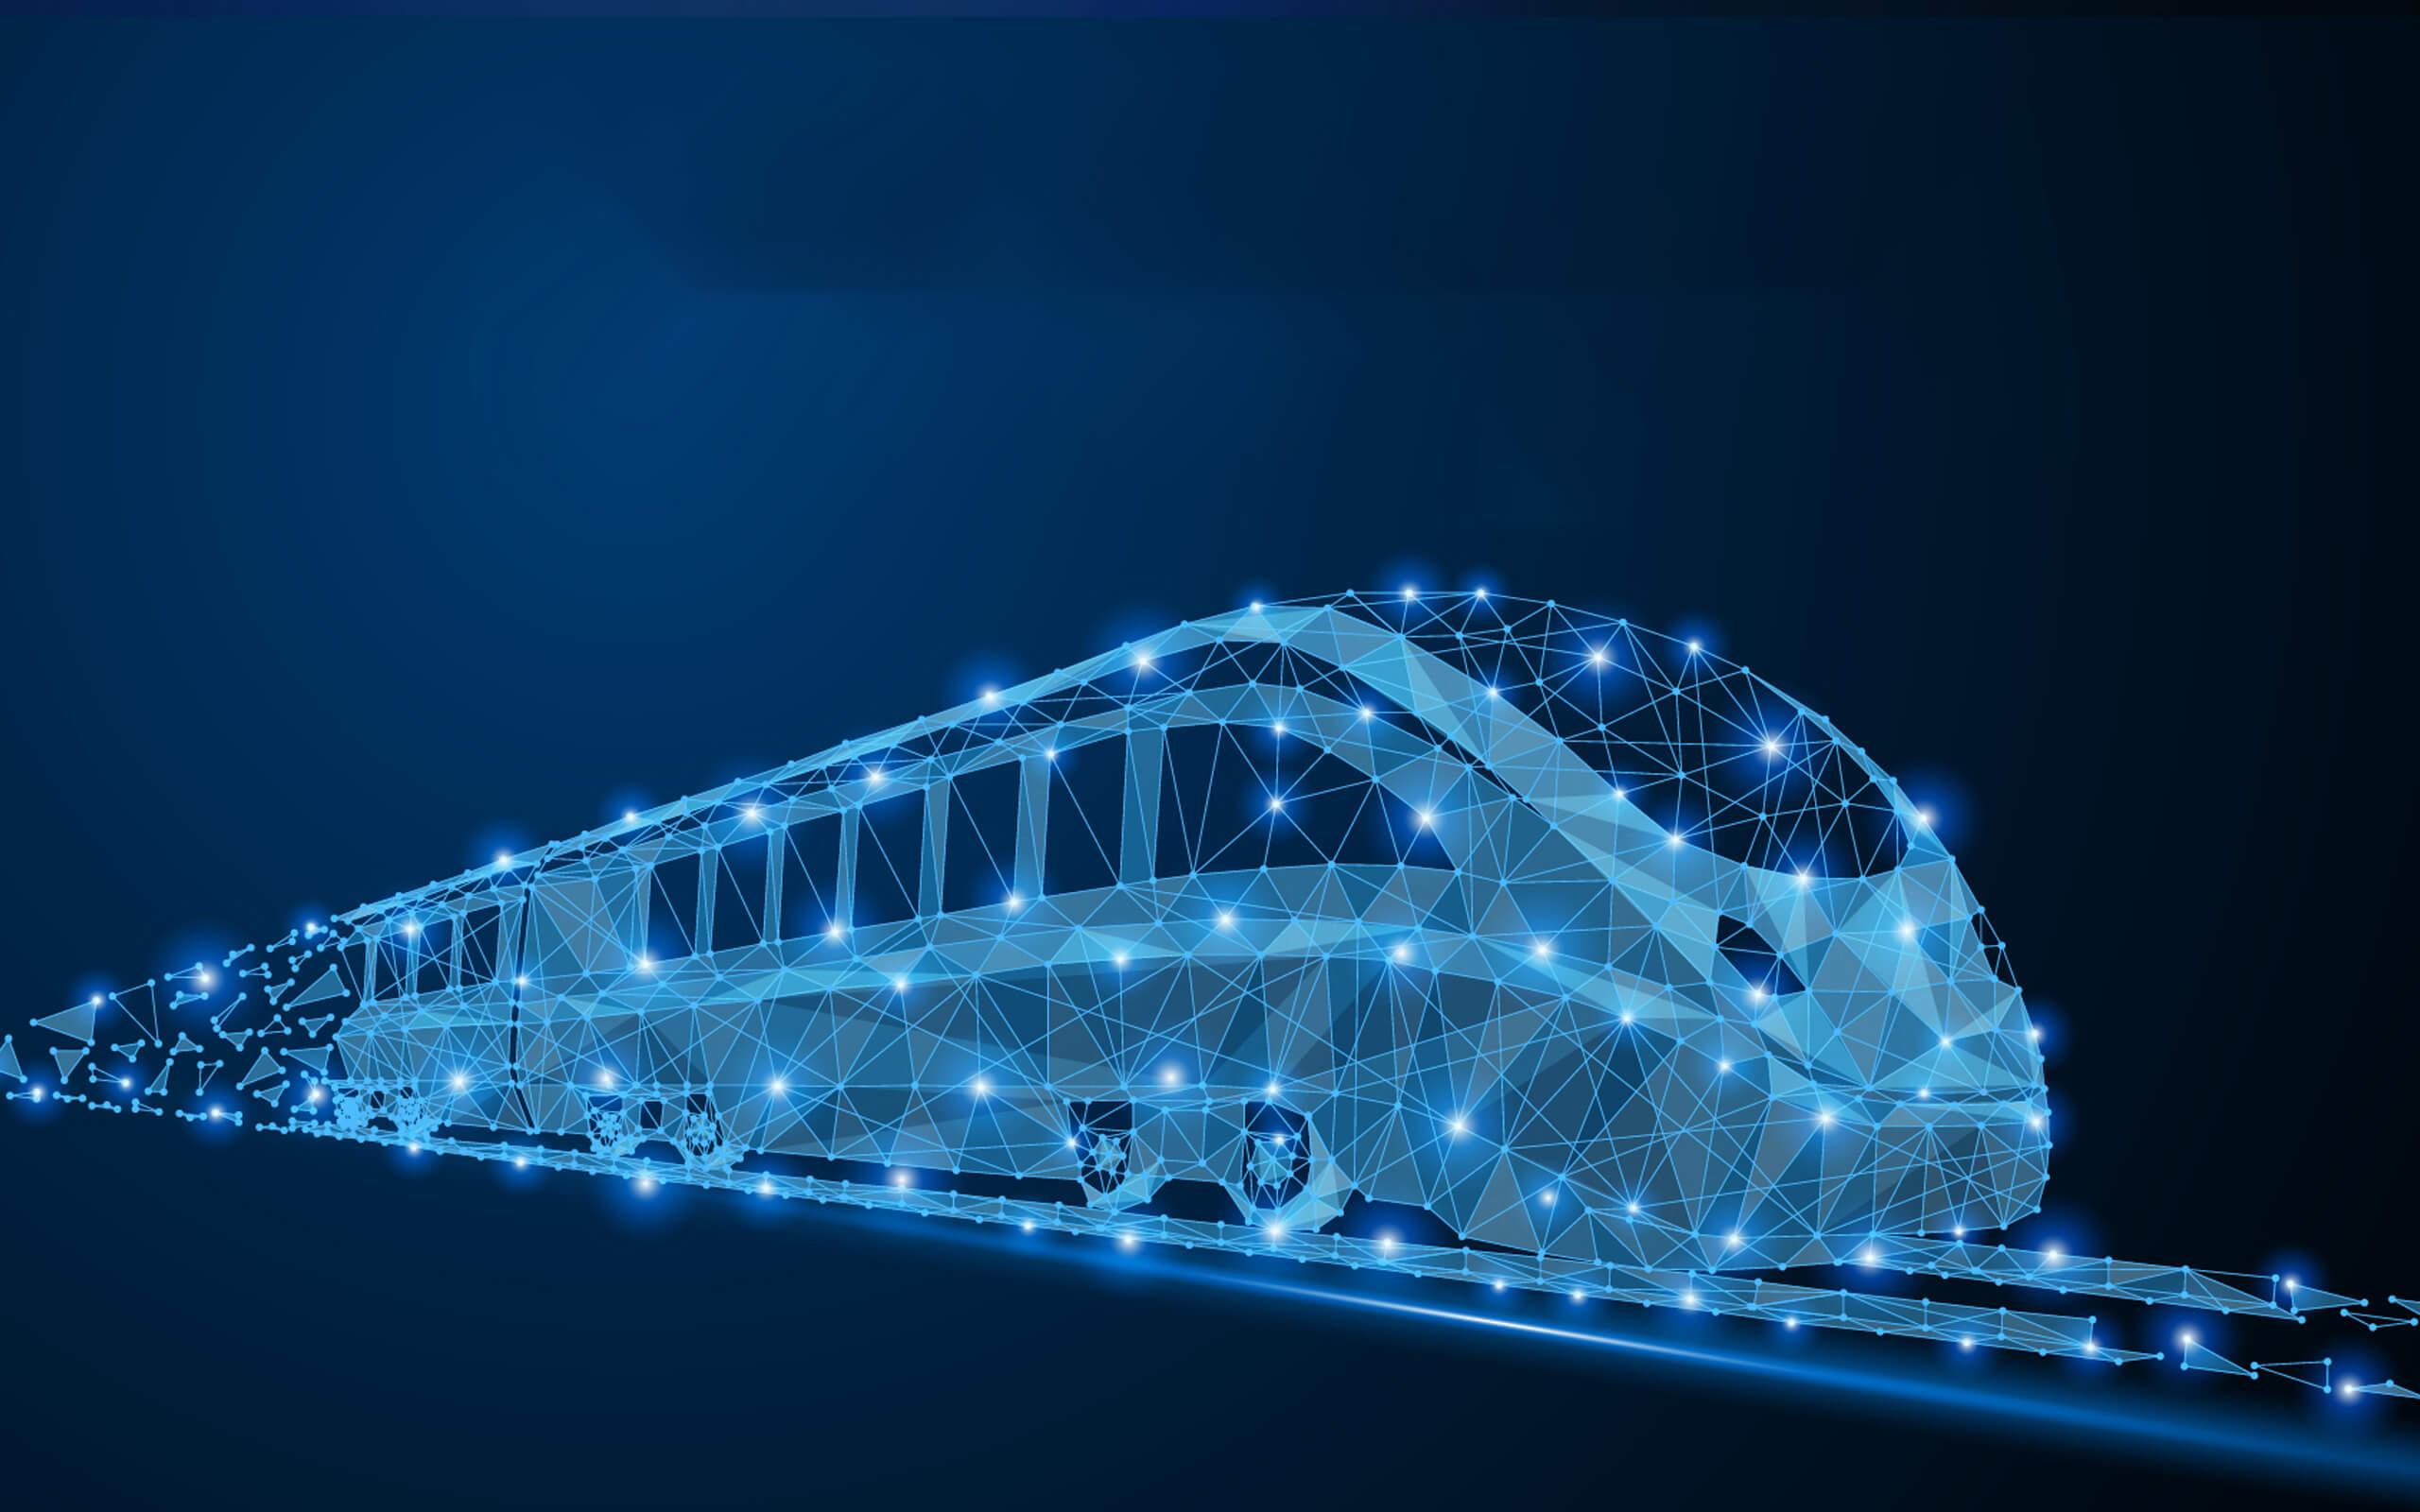 a sketch of a train, in blue